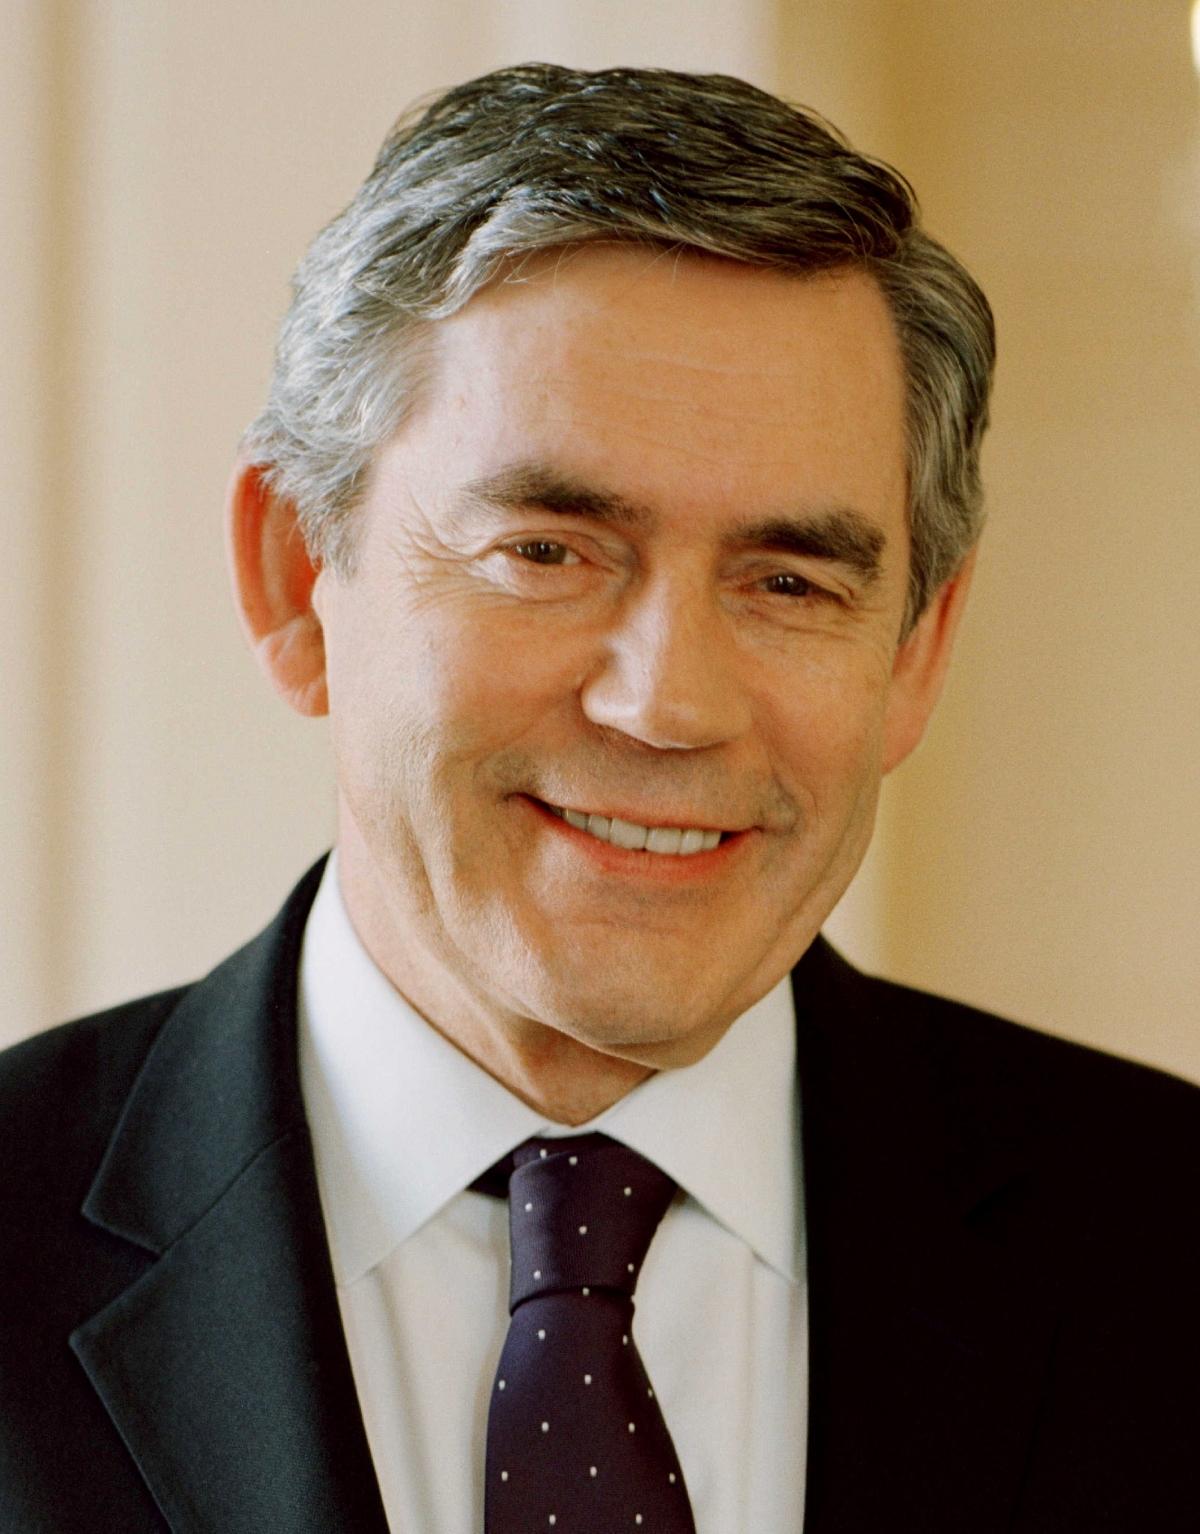 Cựu Thủ tướng Anh Gordon Brown. Ảnh: Wikipedia.